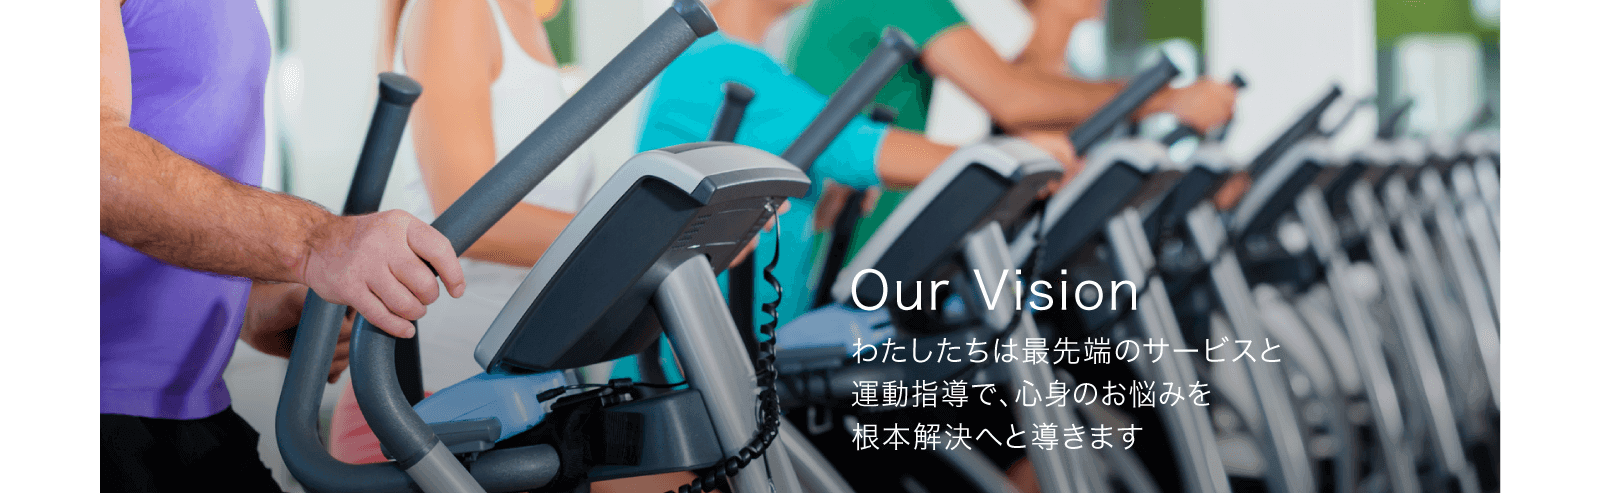 Our Vision わたしたちは最先端のサービスと運動指導で、心身のお悩みを根本解決へと導きます